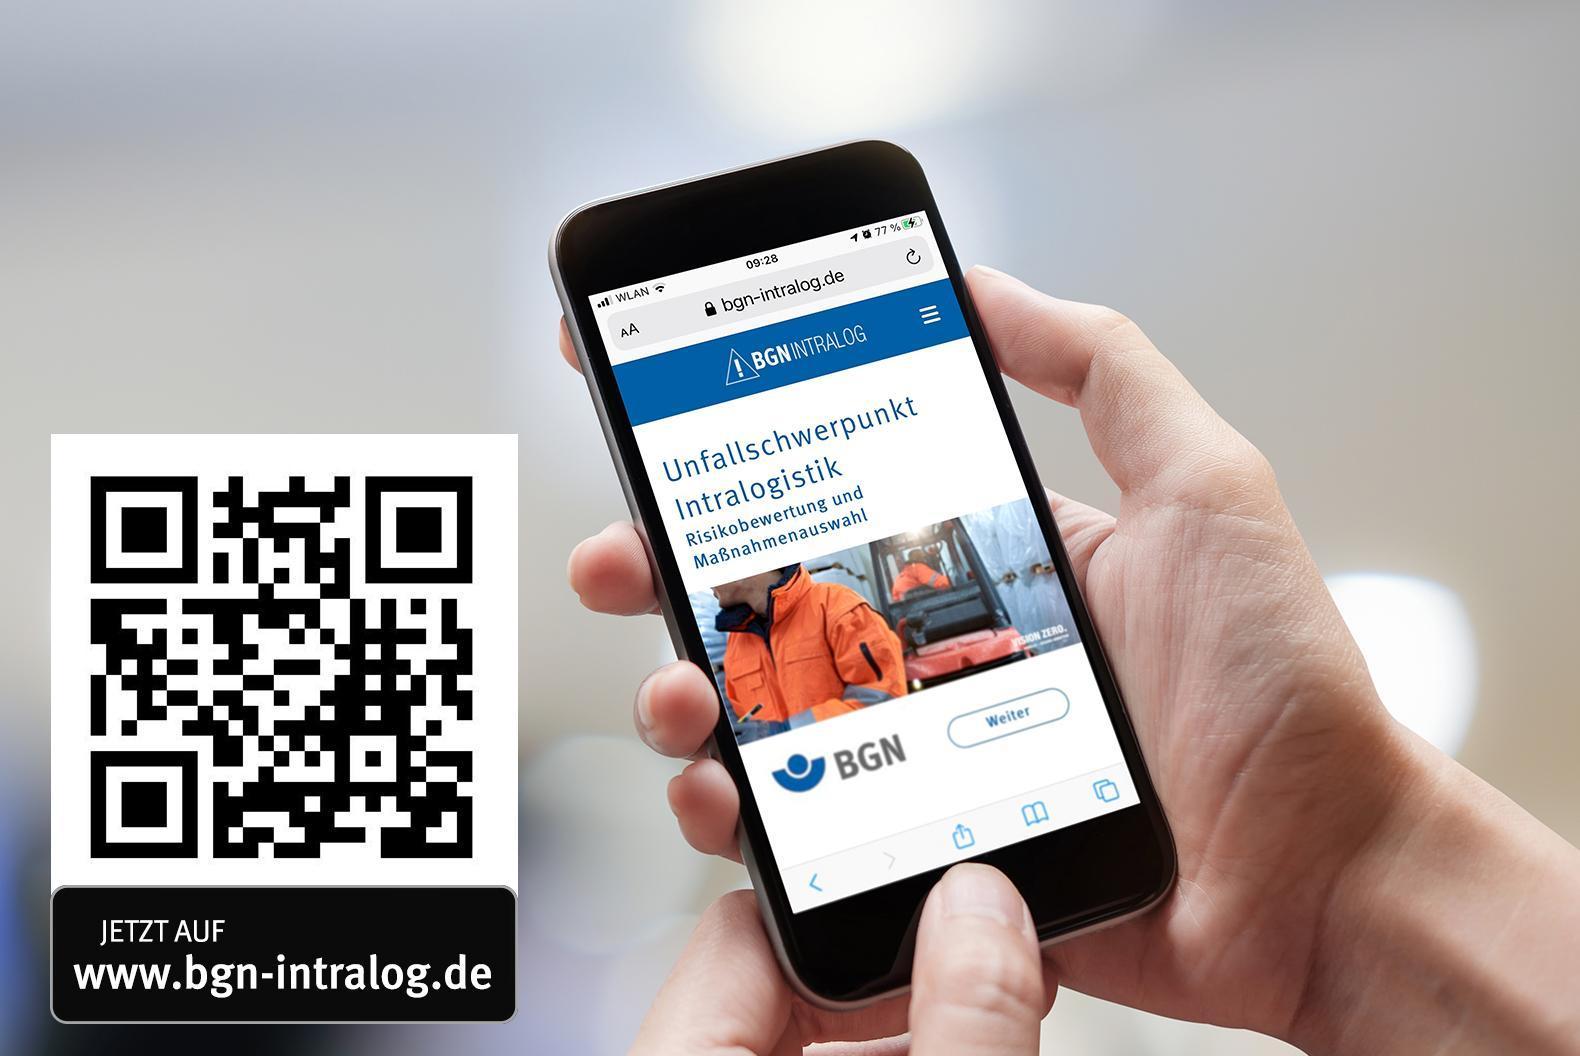 Hände halten ein Smartphone, das die BGN Intralog App anzeigt.